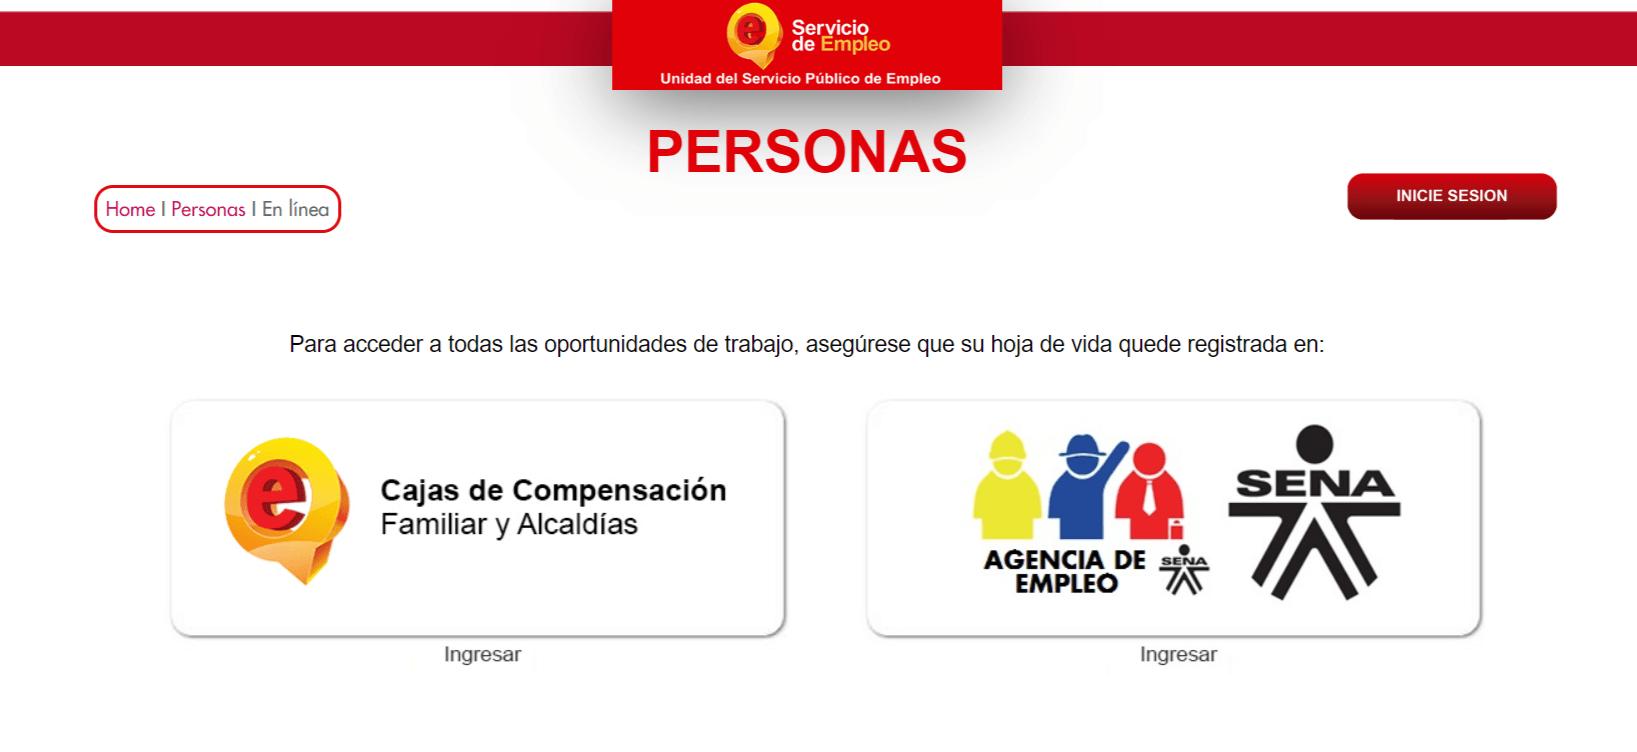 Registrar hoja de vida en el Servicio Público de Empleo